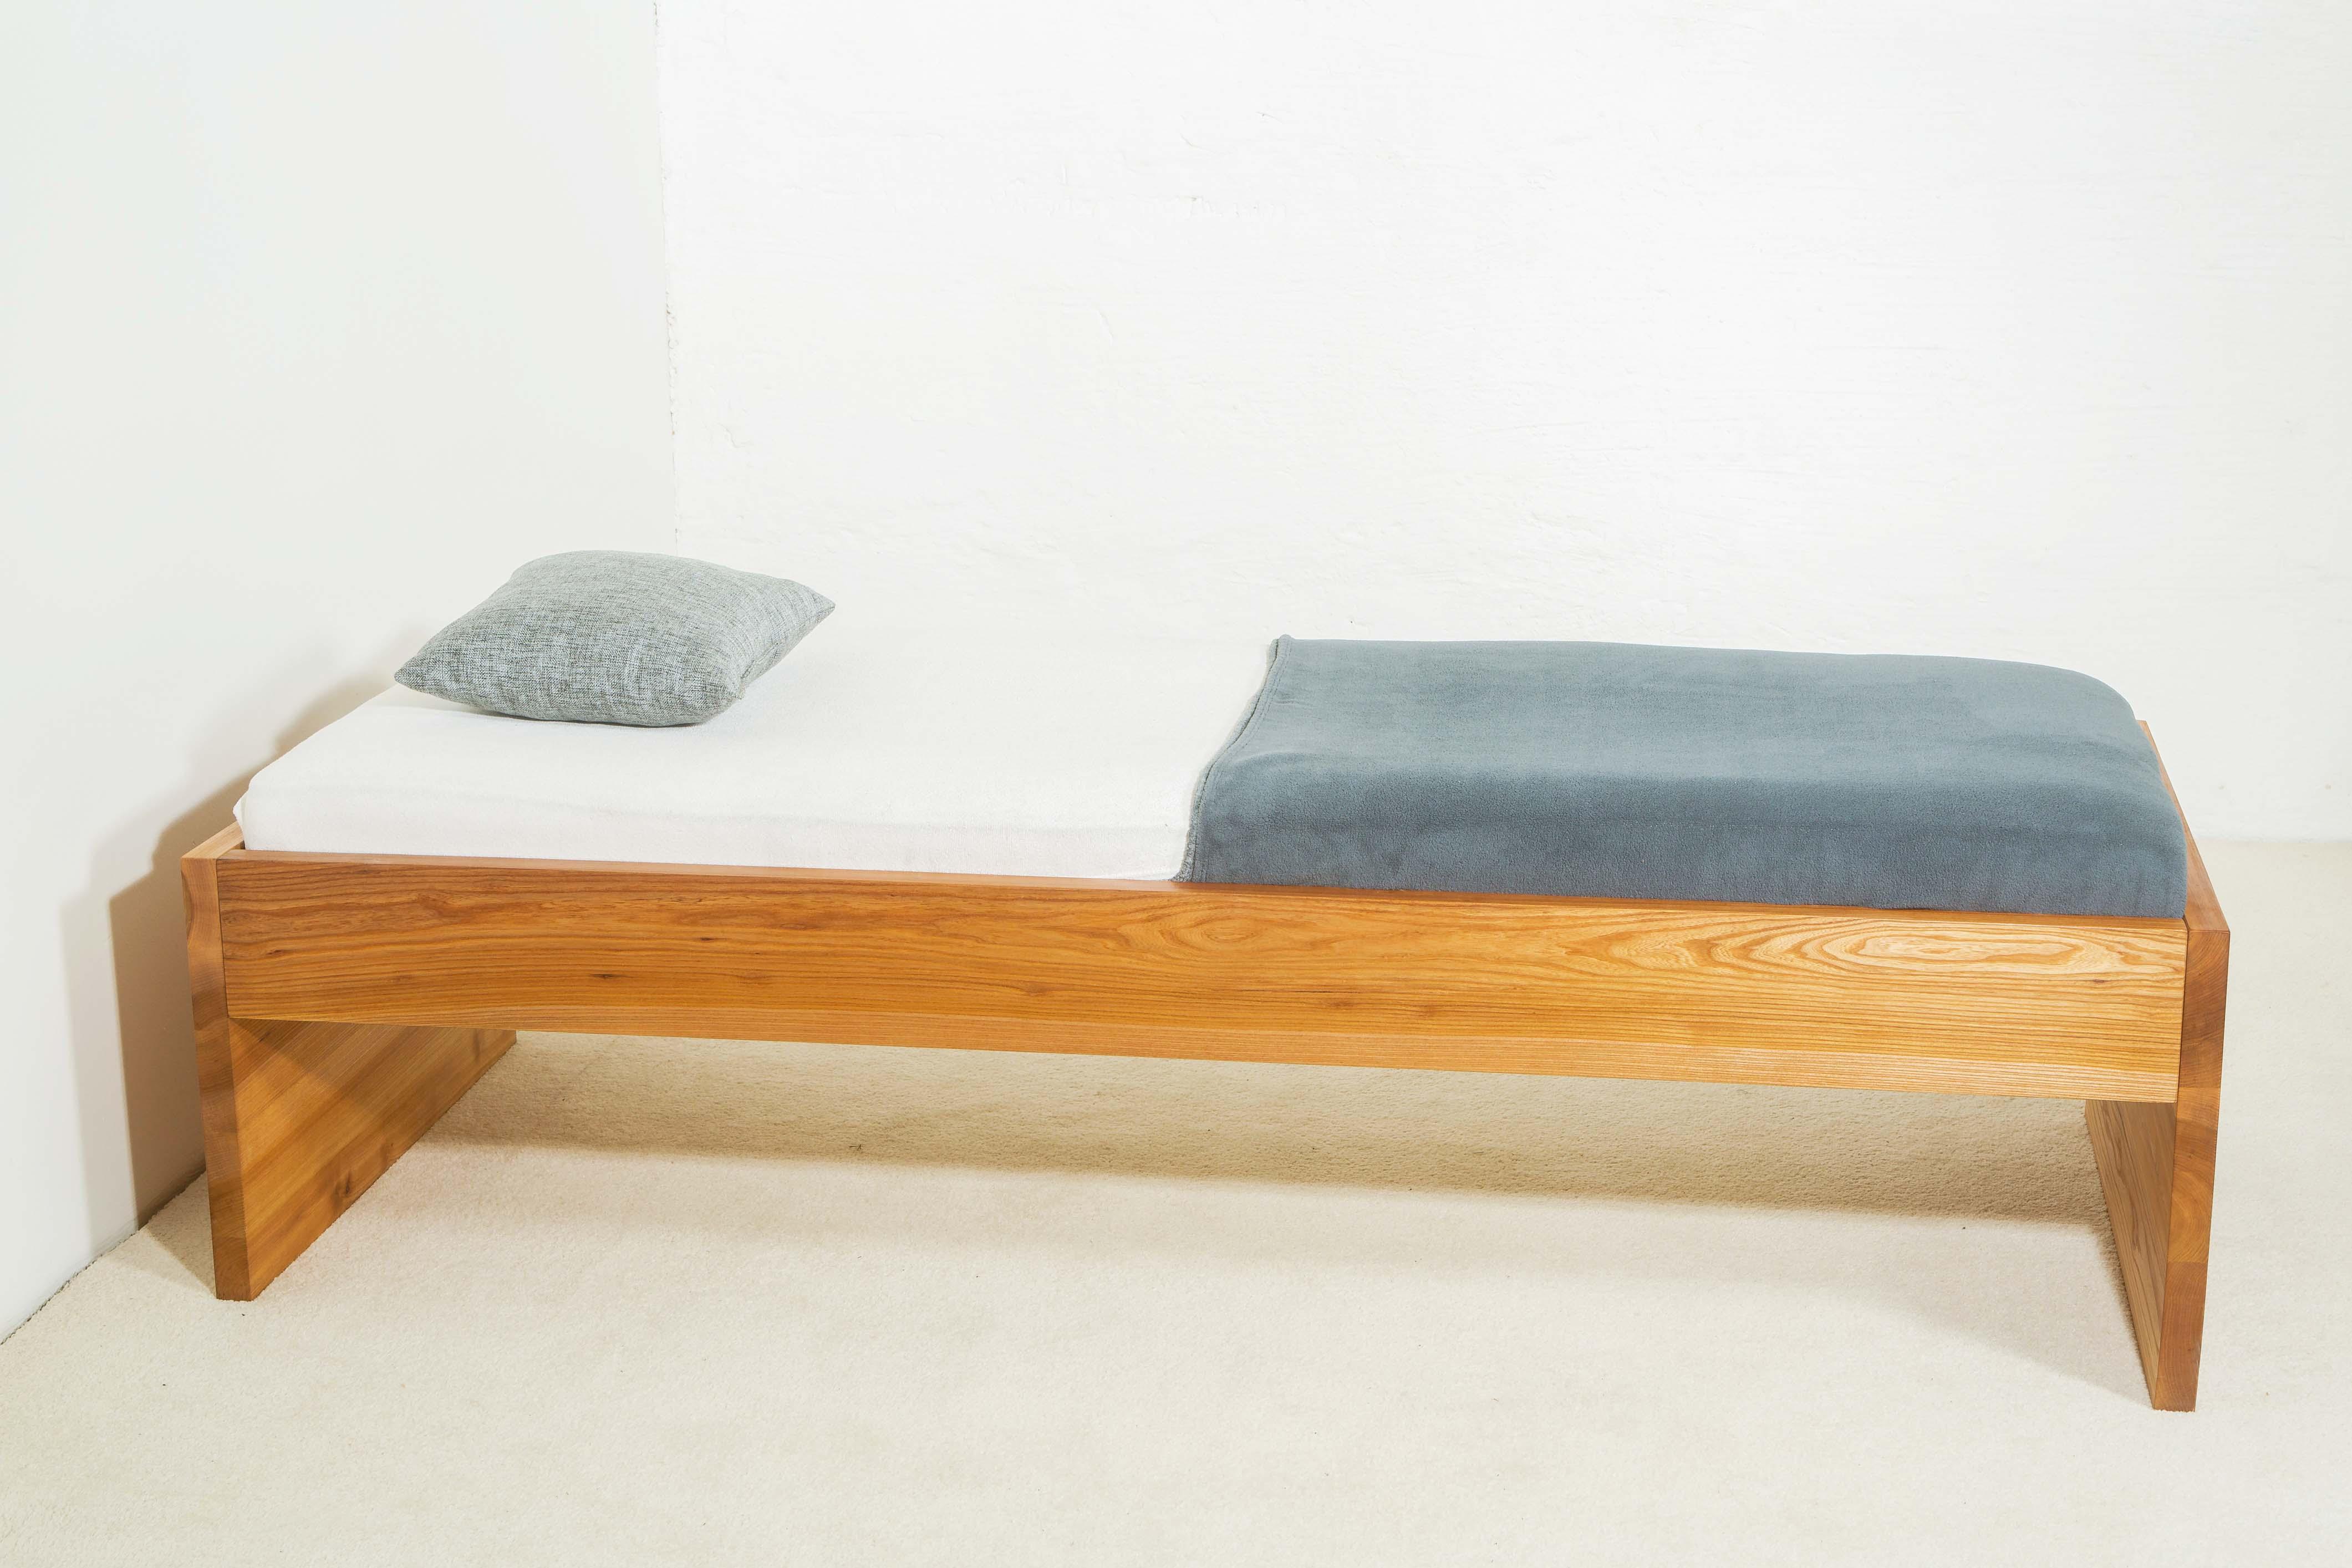 einzelbett mit ausziehbett excellent einzelbett mit ausziehbett with einzelbett mit ausziehbett. Black Bedroom Furniture Sets. Home Design Ideas